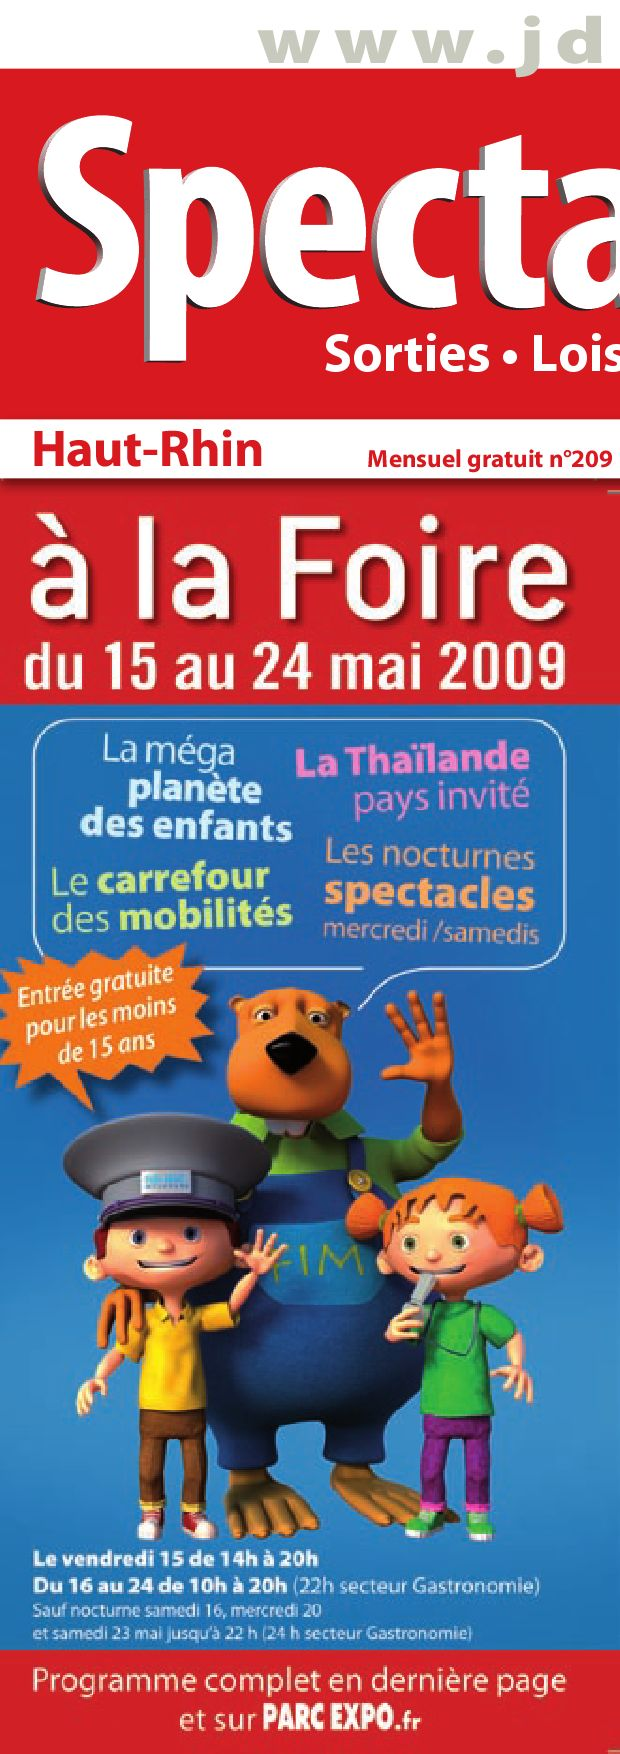 Chausson Hi Style Charnelle - Lemy Cafe - Couleur Marron - Taille 35-38 qz21Y2X5p4